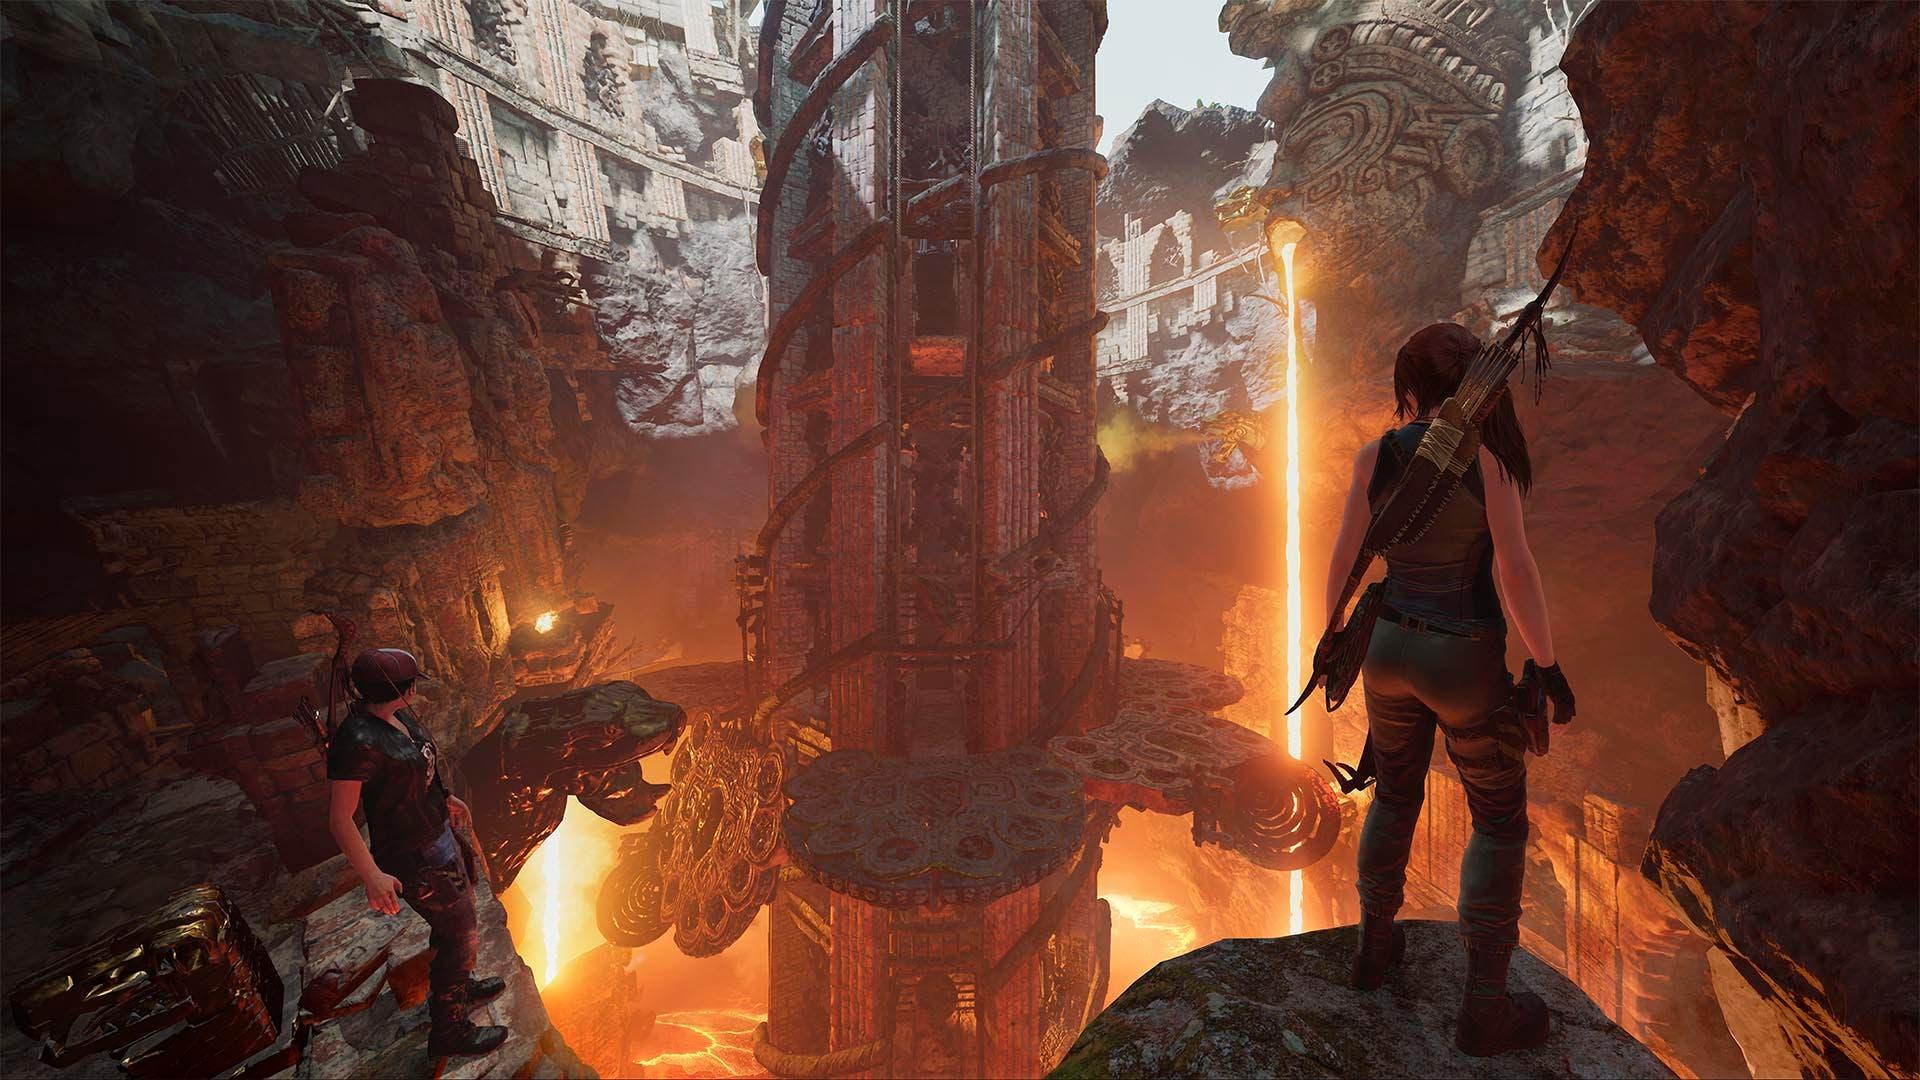 Shadow of the Tomb Raider presenta La Fragua, su primer contenido descargable 3